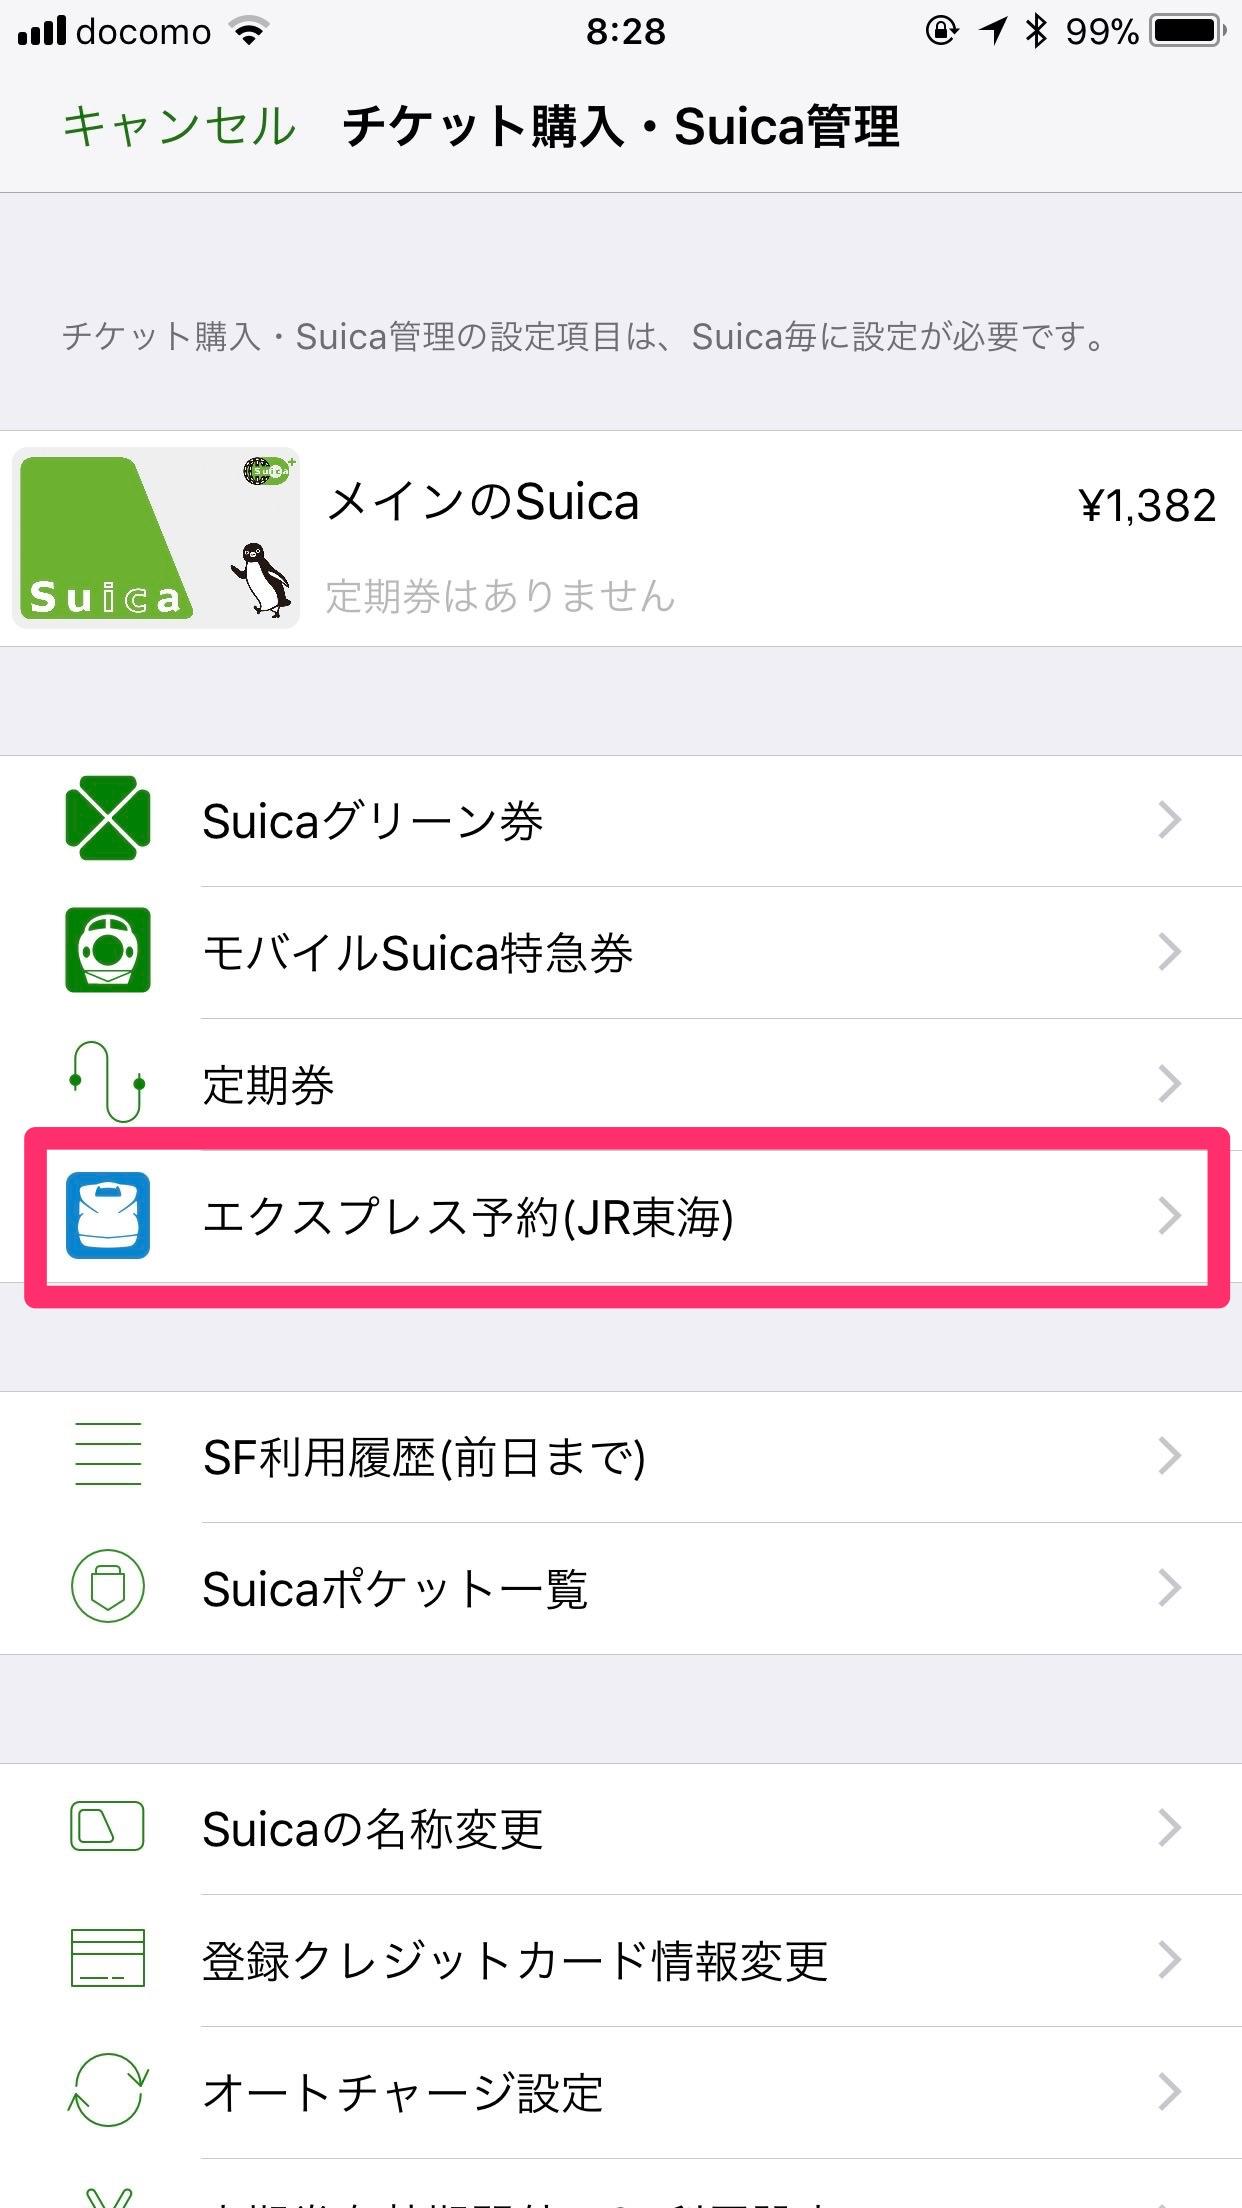 Suica ex mobile 9392